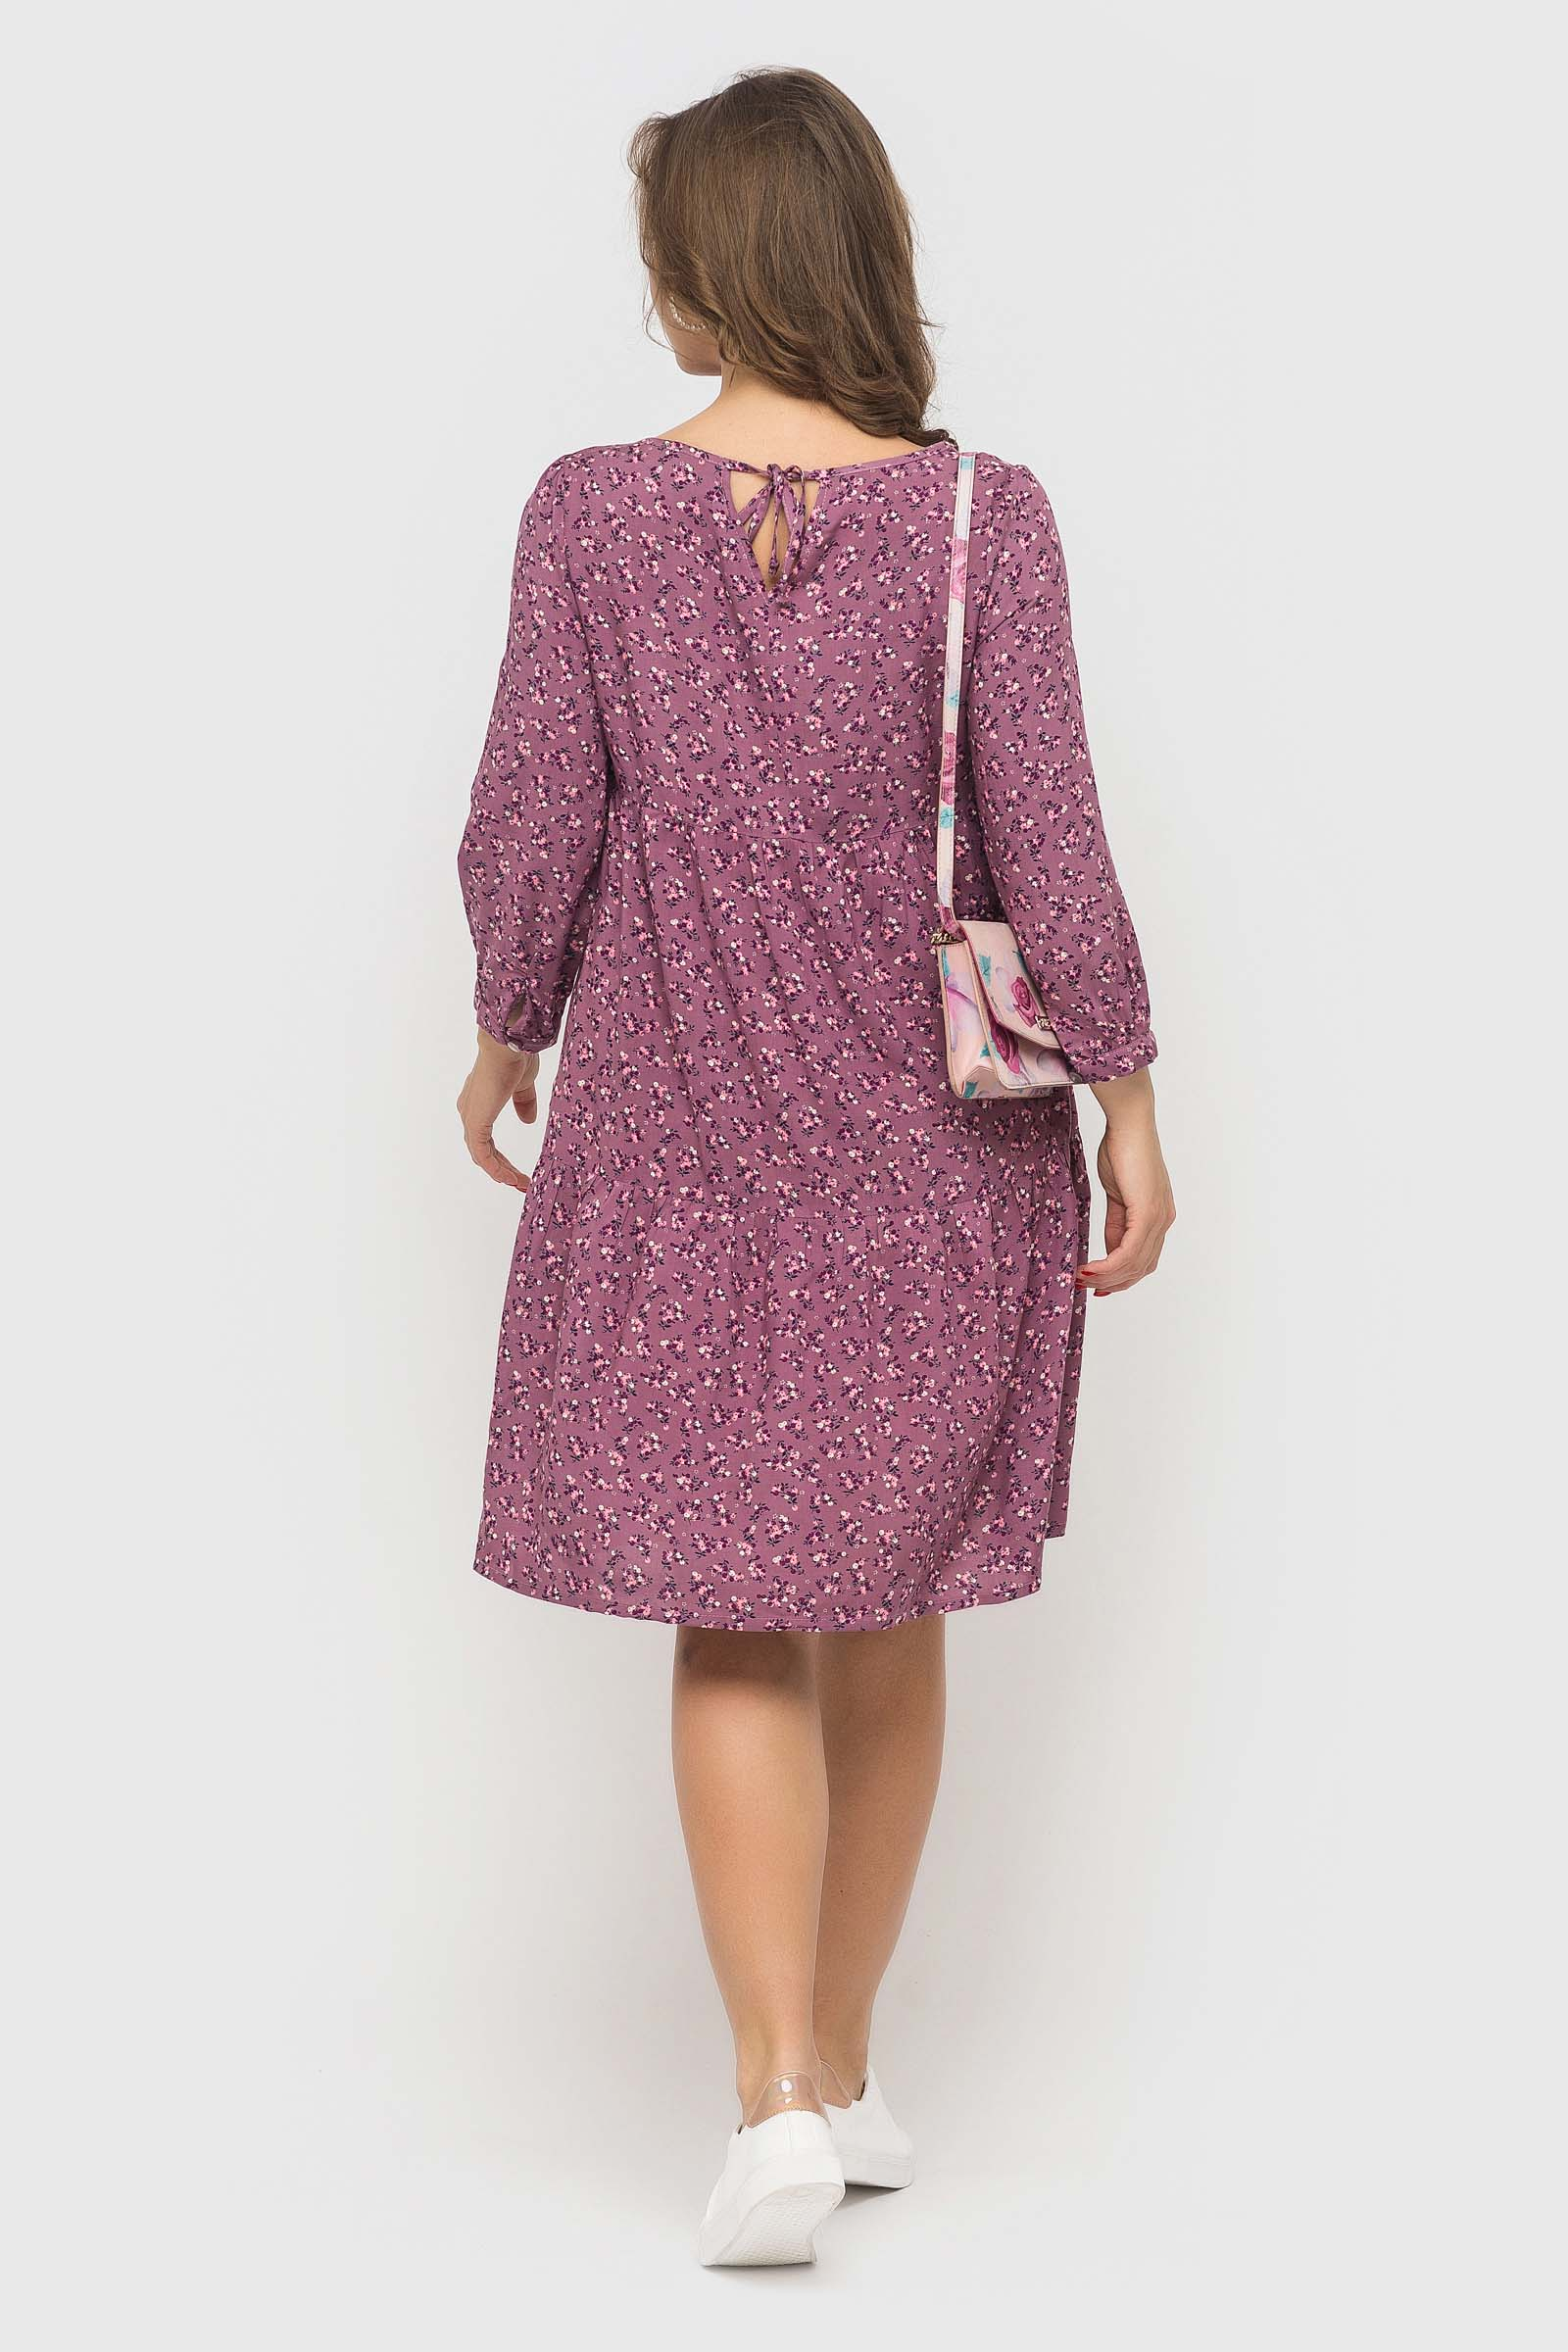 be art 2020 04 07182057 Купить платье